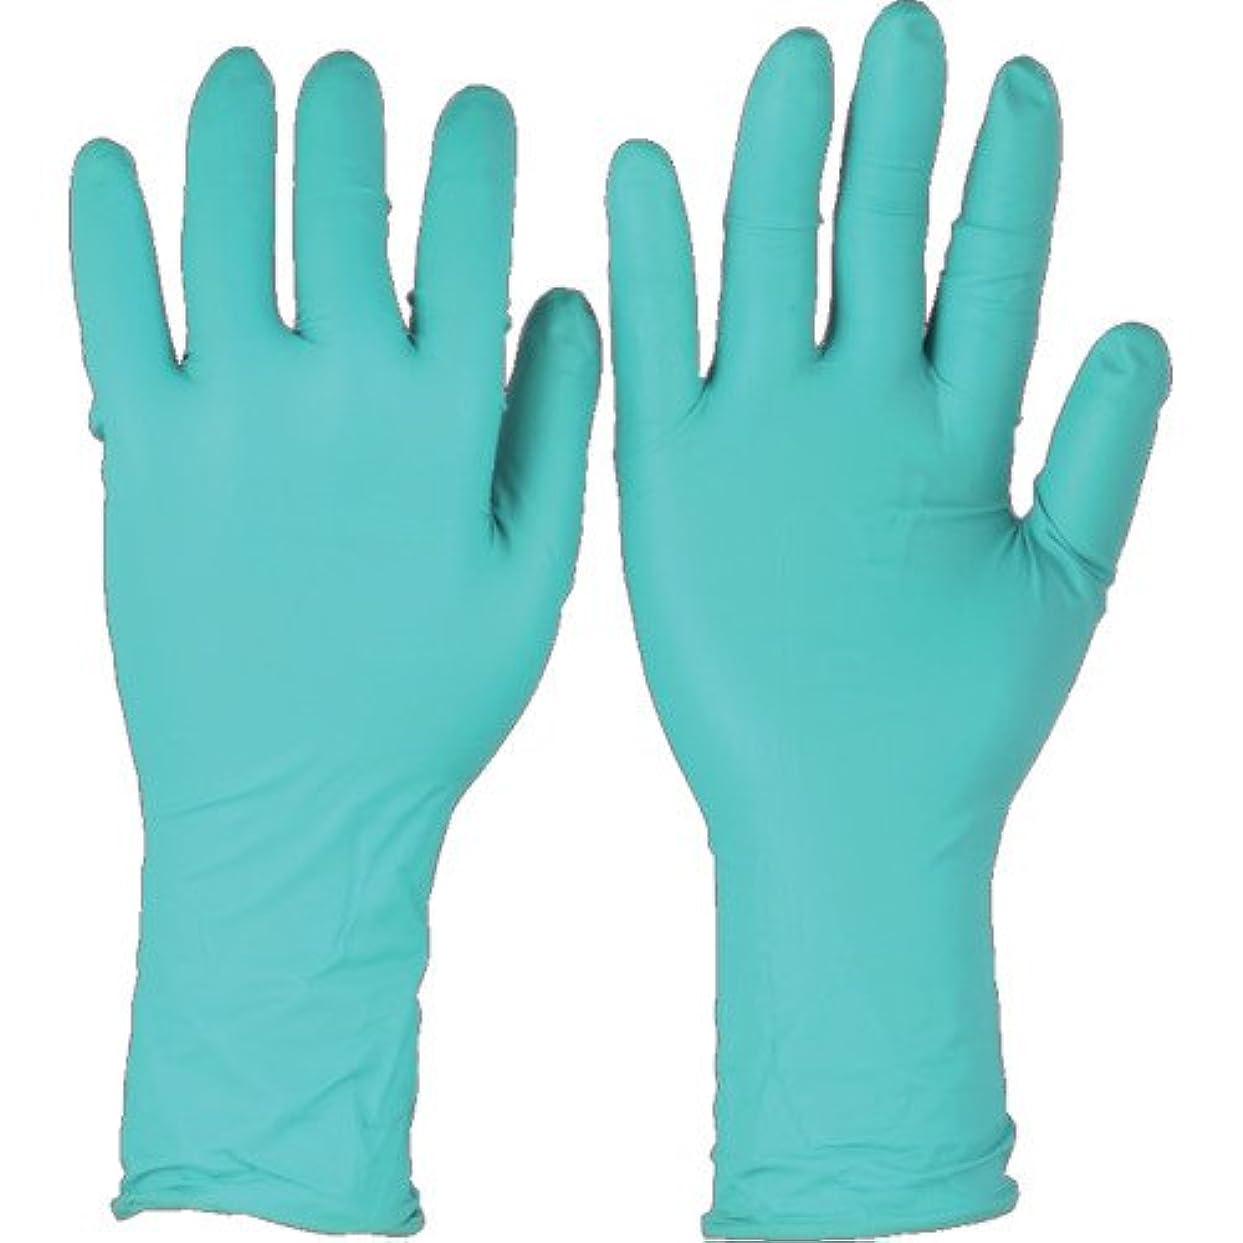 駐地ピッチタップトラスコ中山 アンセル ネオプレンゴム使い捨て手袋 マイクロフレックス 93-260 Mサイズ (50枚入)  932608